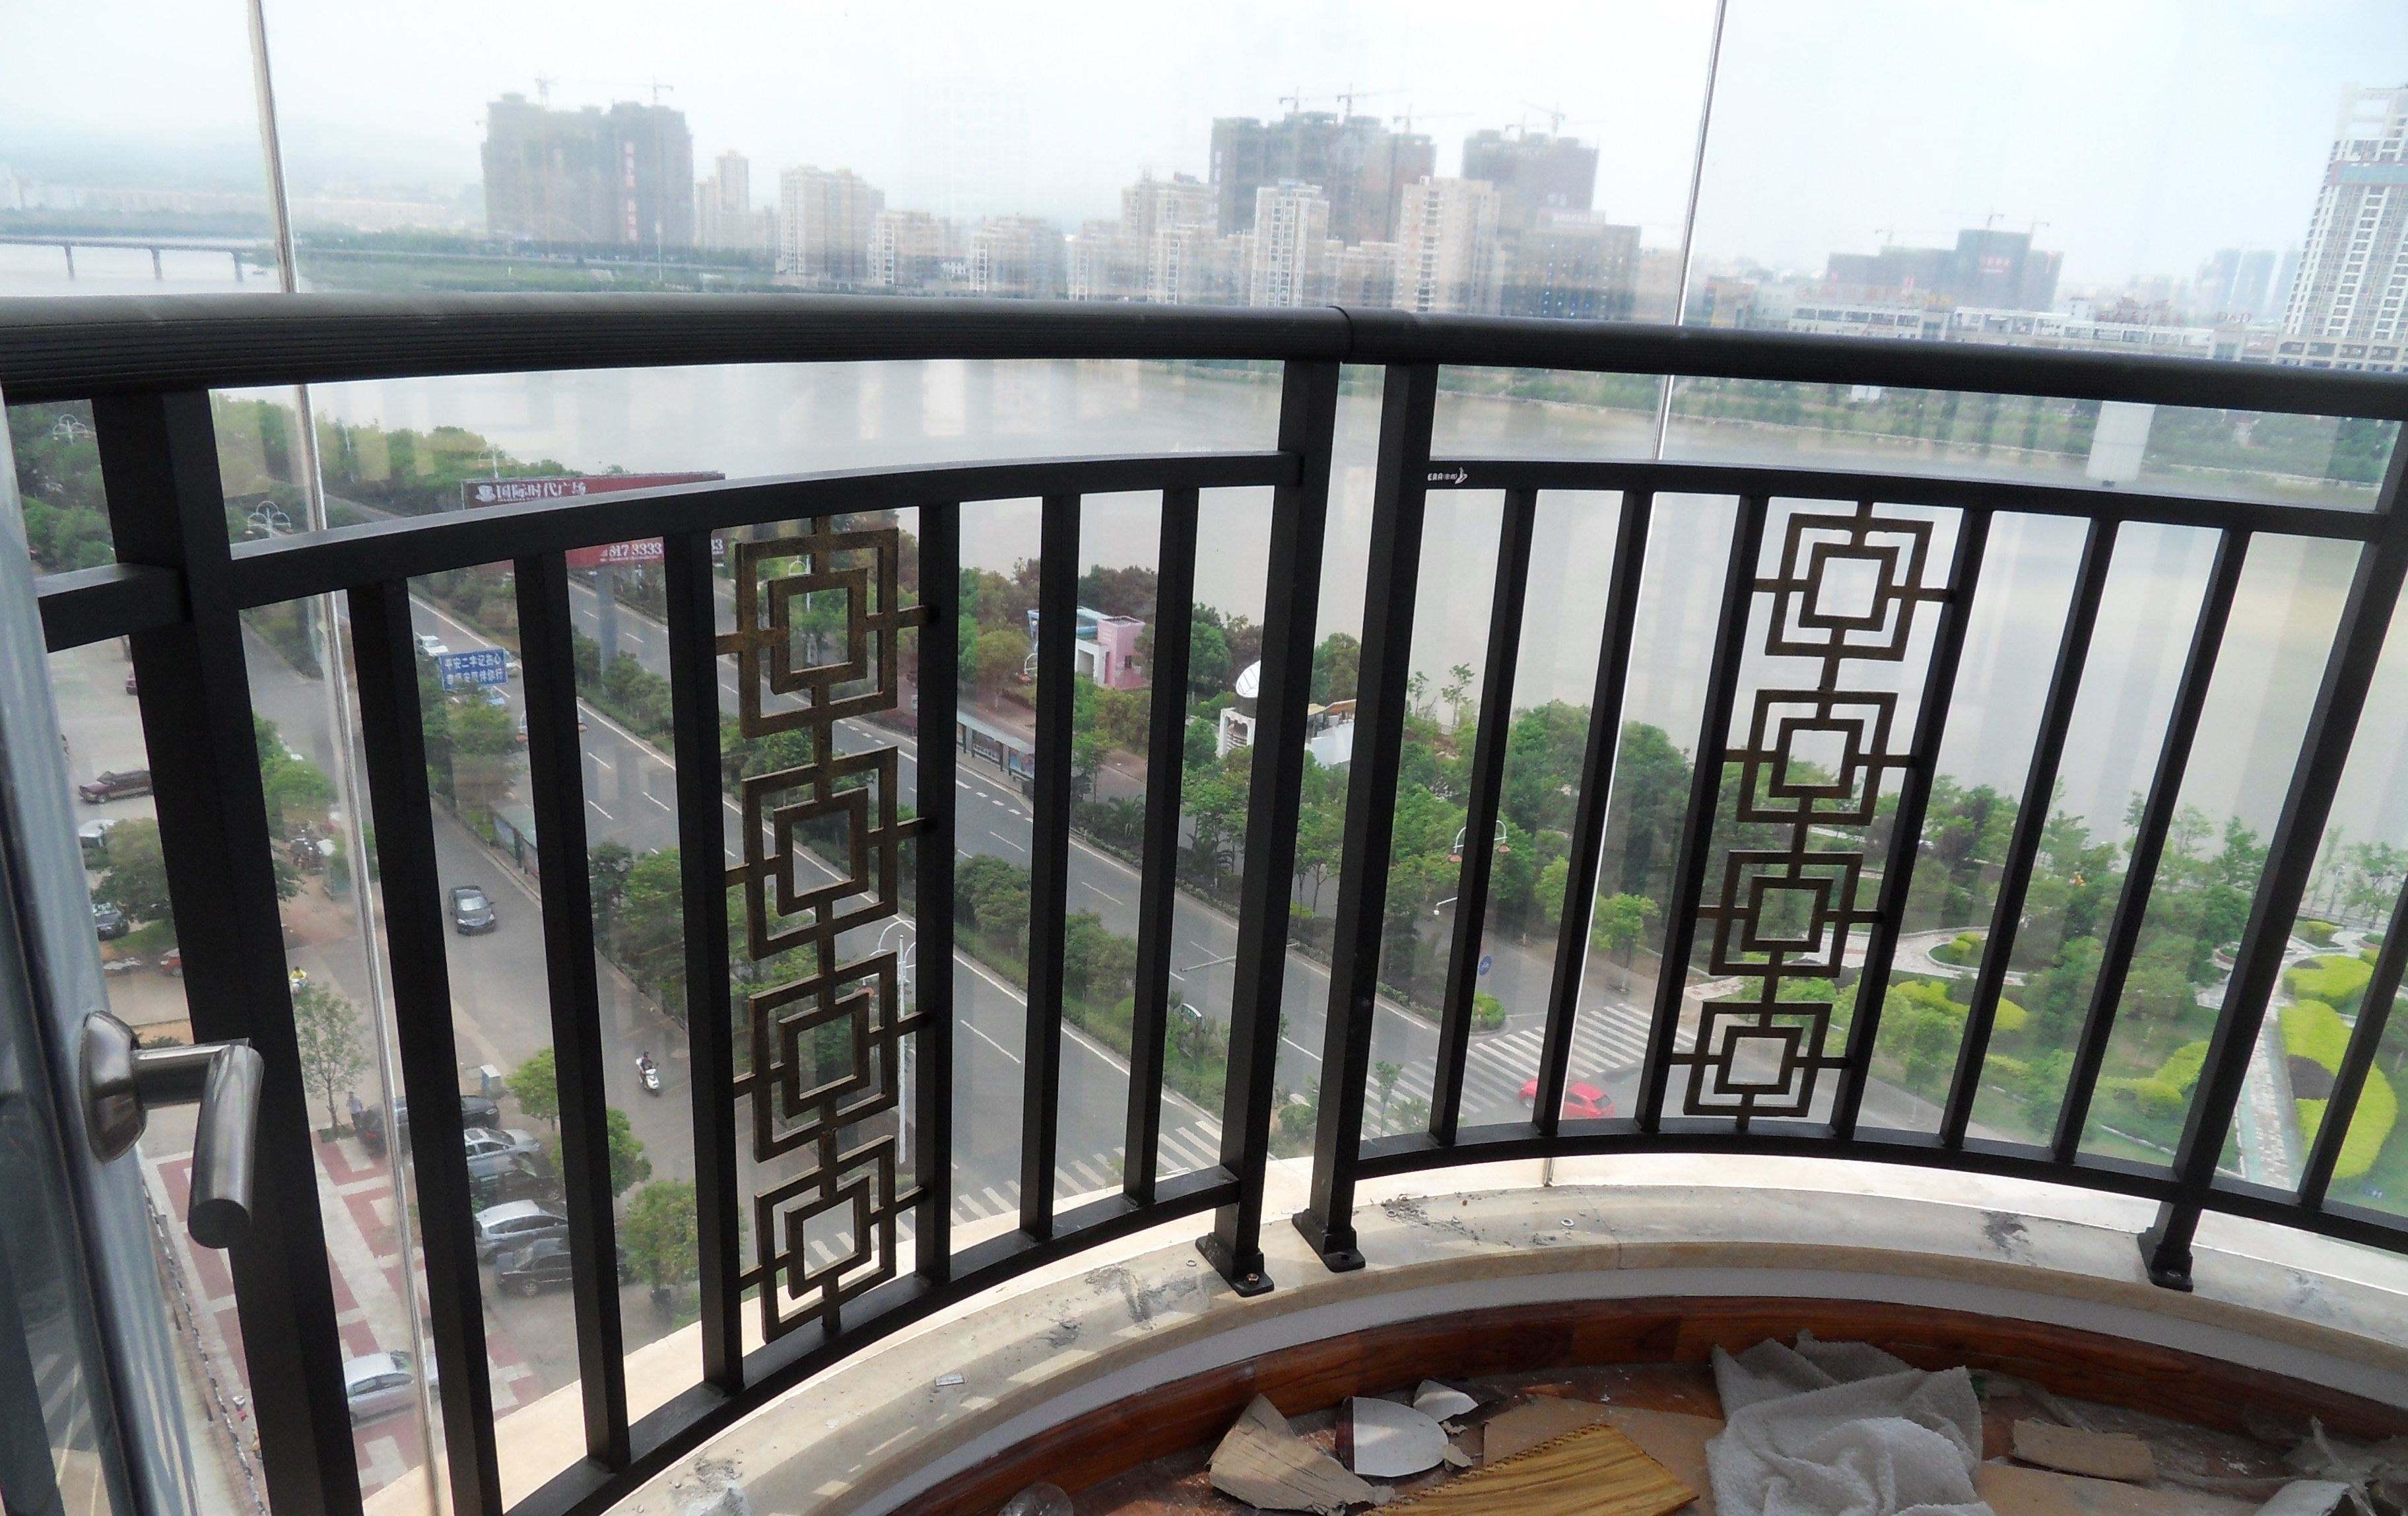 热镀锌钢阳台海景国际欧式室内铁艺护栏围栏窗户别墅飘窗扶手护栏花园别墅栏杆图片